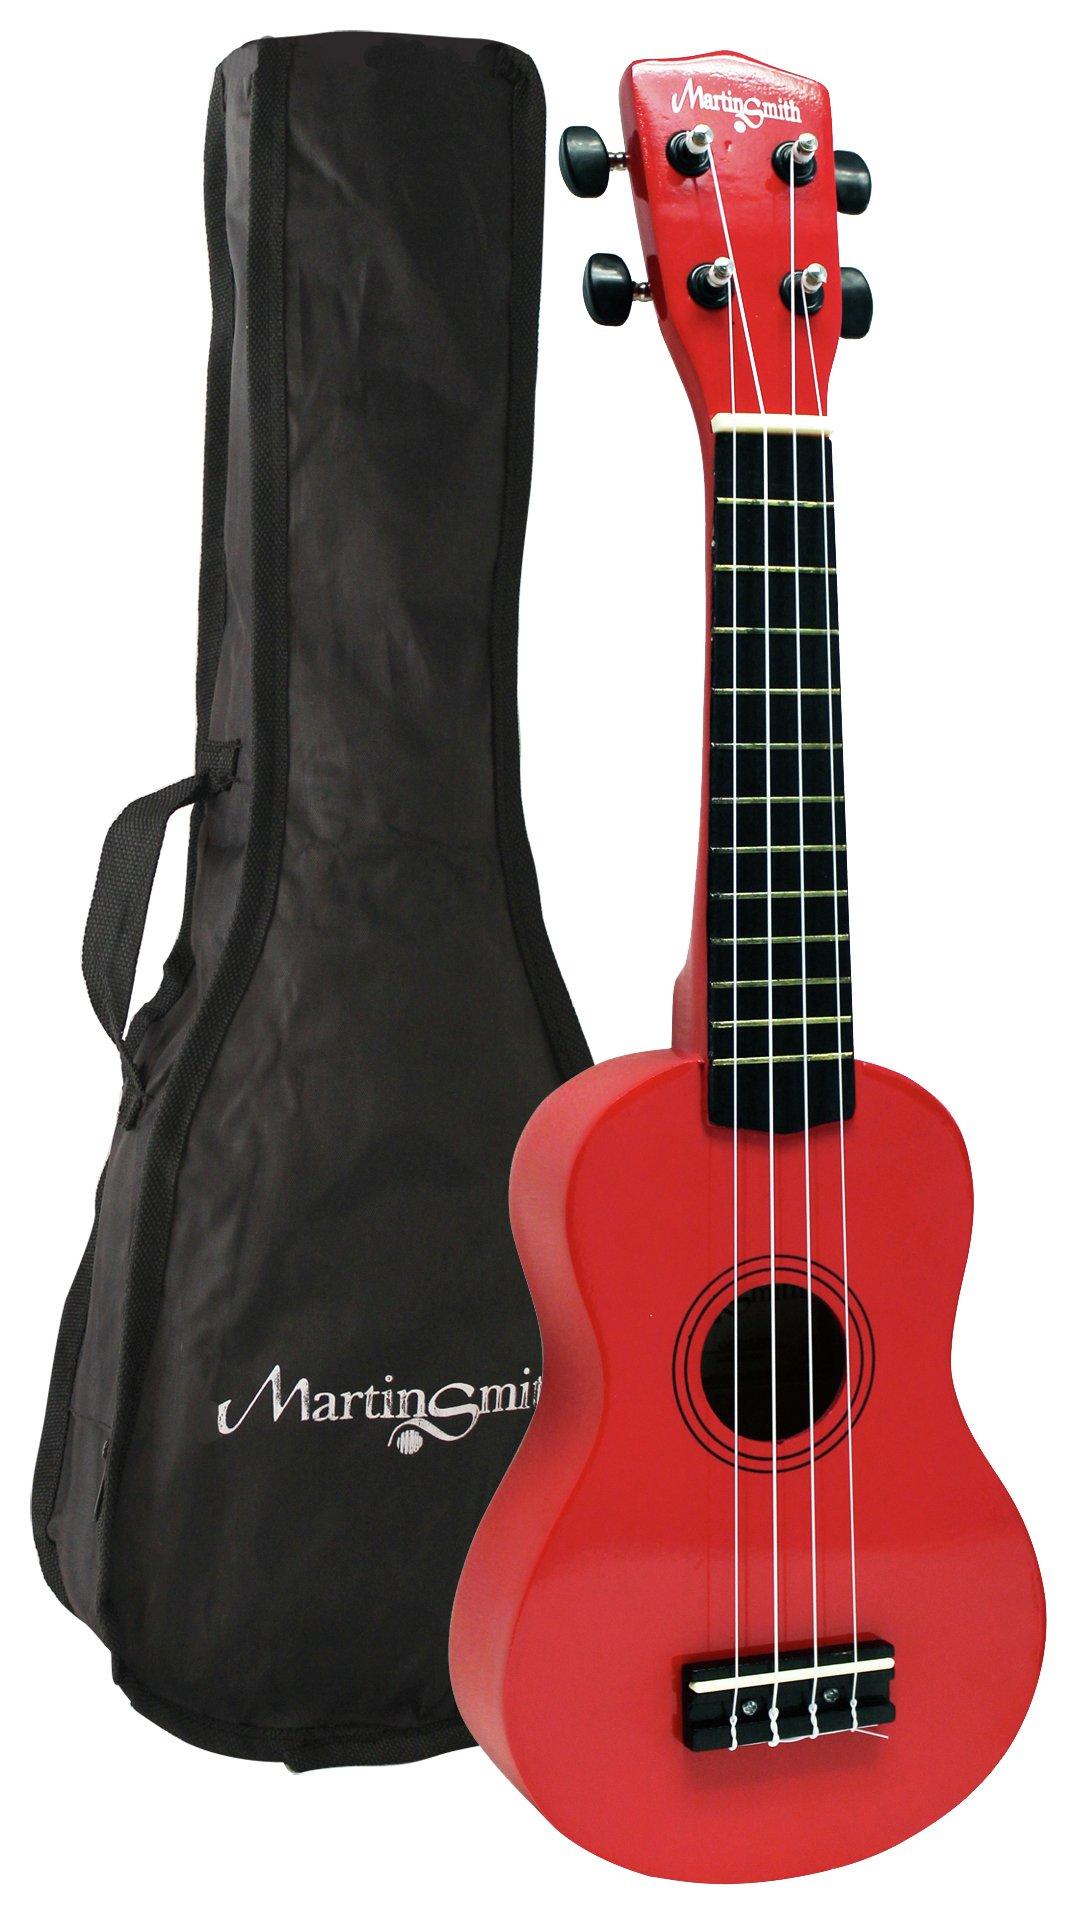 Martin Smith Soprano Size Ukulele - Red.